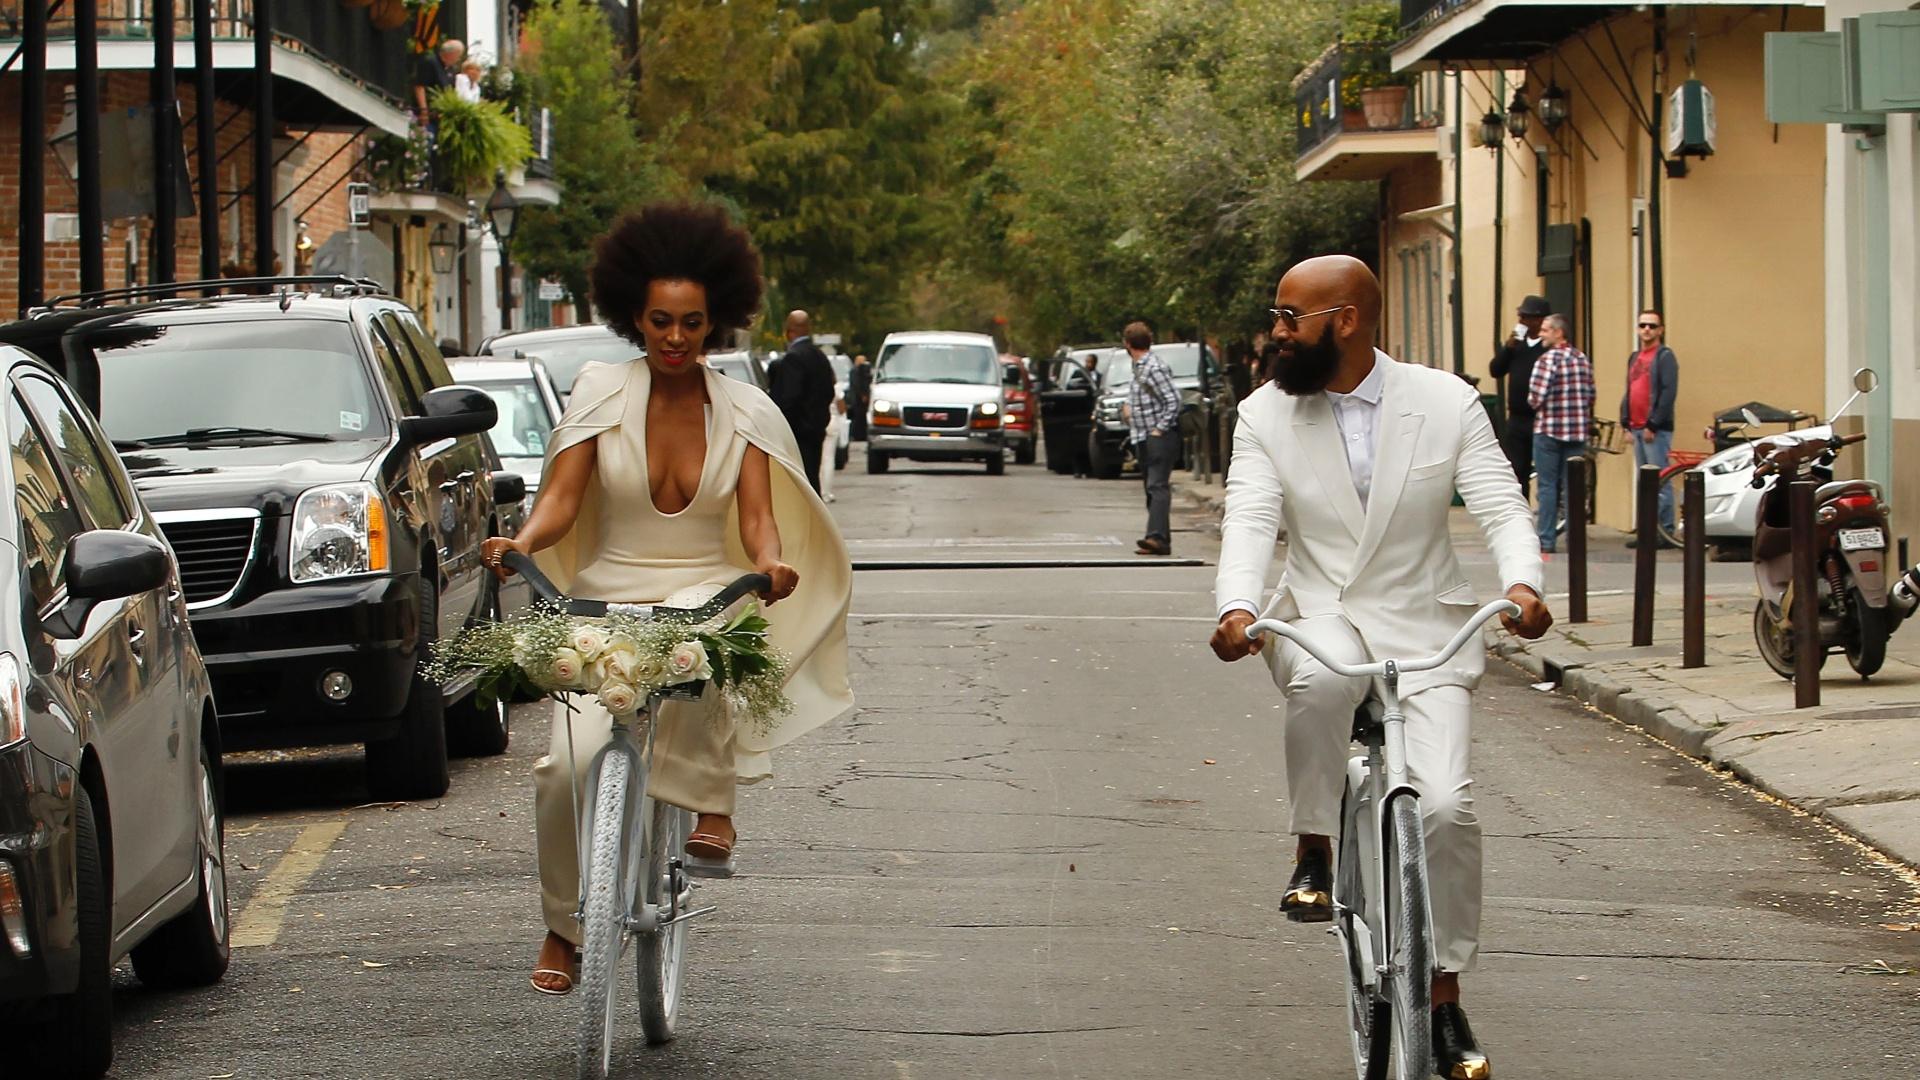 16.nov.2014 - A cantora Solange Knowles e o diretor Alan Ferguson chegam para de bicicleta para o casamento dos dois, na cidade norte-americana de Nova Orleans